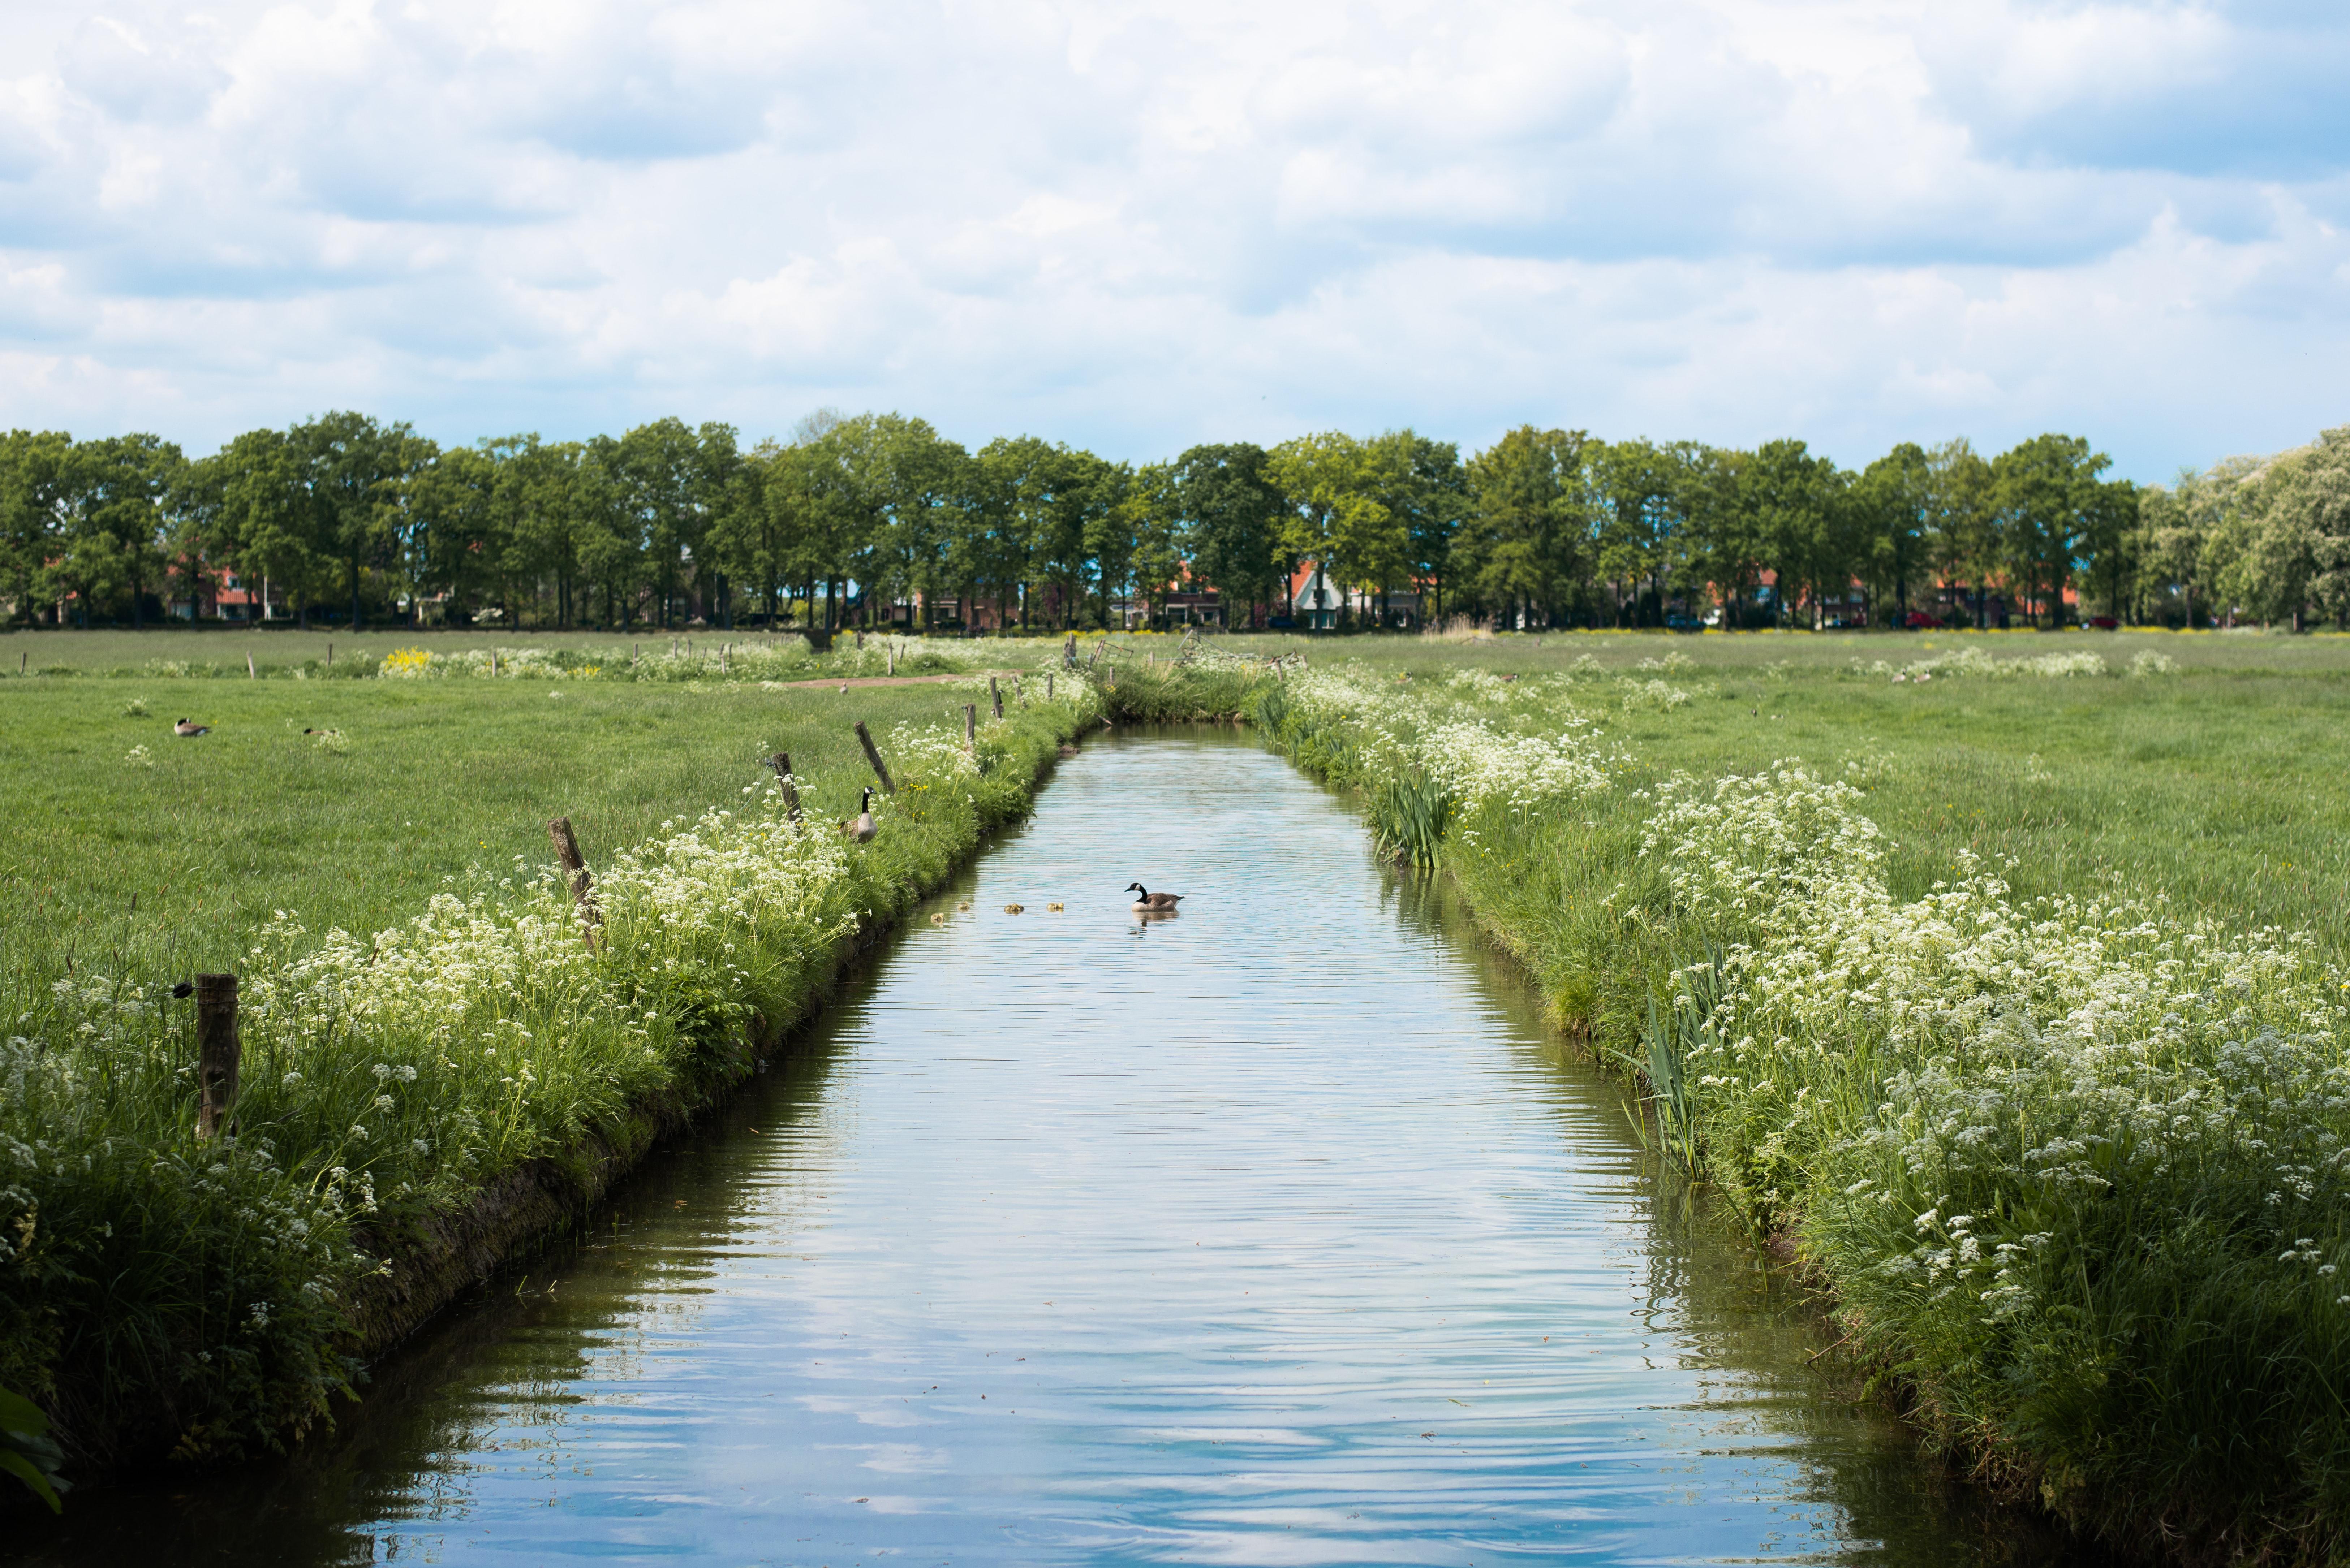 Beleidsanalyse klimaatadaptatie en gebouwde omgeving (Land van Cuijk)